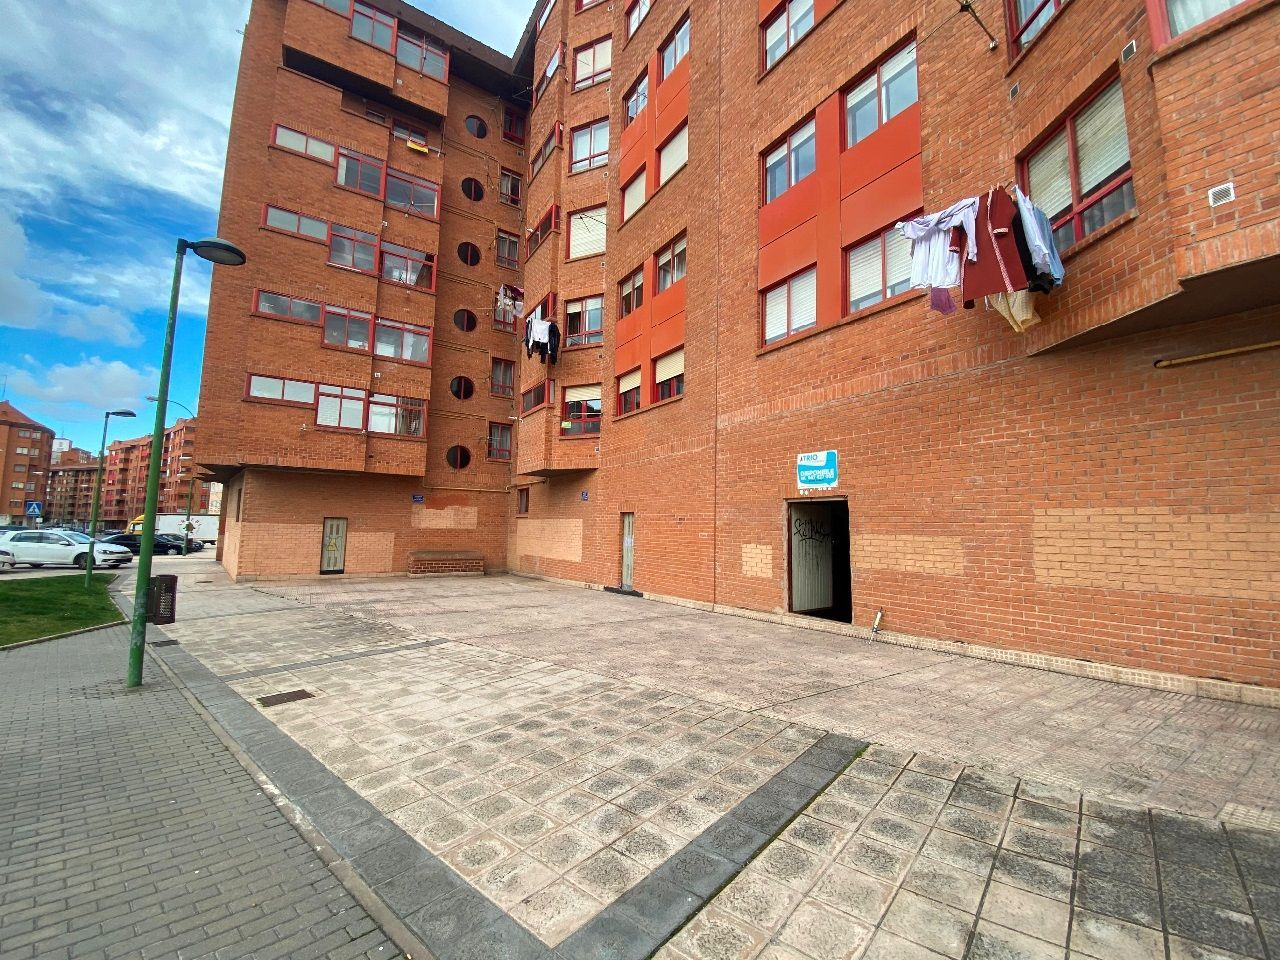 dia.mobiliagestion.es/Portals/inmoatrio/Images/6652/4231550